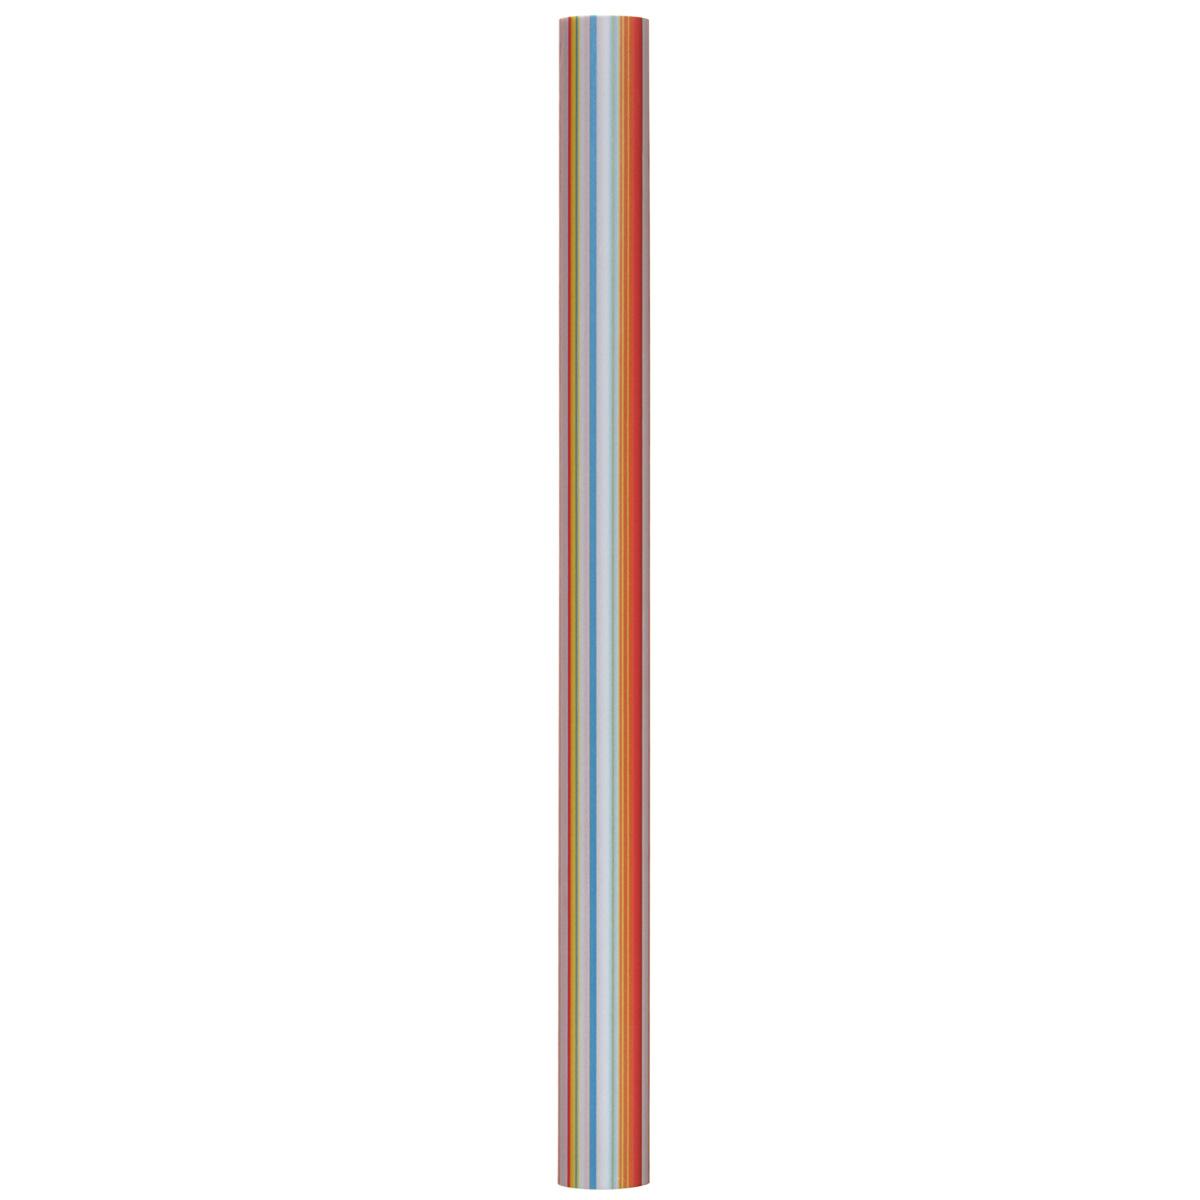 Транспарентная бумага Folia Яркие полосы, 50,5 x 70 см7708095Транспарентная бумага Folia Яркие полосы - полупрозрачная бумага с оригинальным дизайном в виде разноцветных полос. Используется для изготовления открыток, для скрапбукинга и других декоративных или дизайнерских работ. Бумага прекрасно держит форму, не пачкает руки, отлично крепится. Конструирование из транспарентной бумаги - необходимый для развития детей процесс. Во время занятия аппликацией ребенок сумеет разработать четкость движений, ловкость пальцев, аккуратность и внимательность. Кроме того, транспарентная бумага позволит разнообразить идеи ребенка при создании творческих работ.